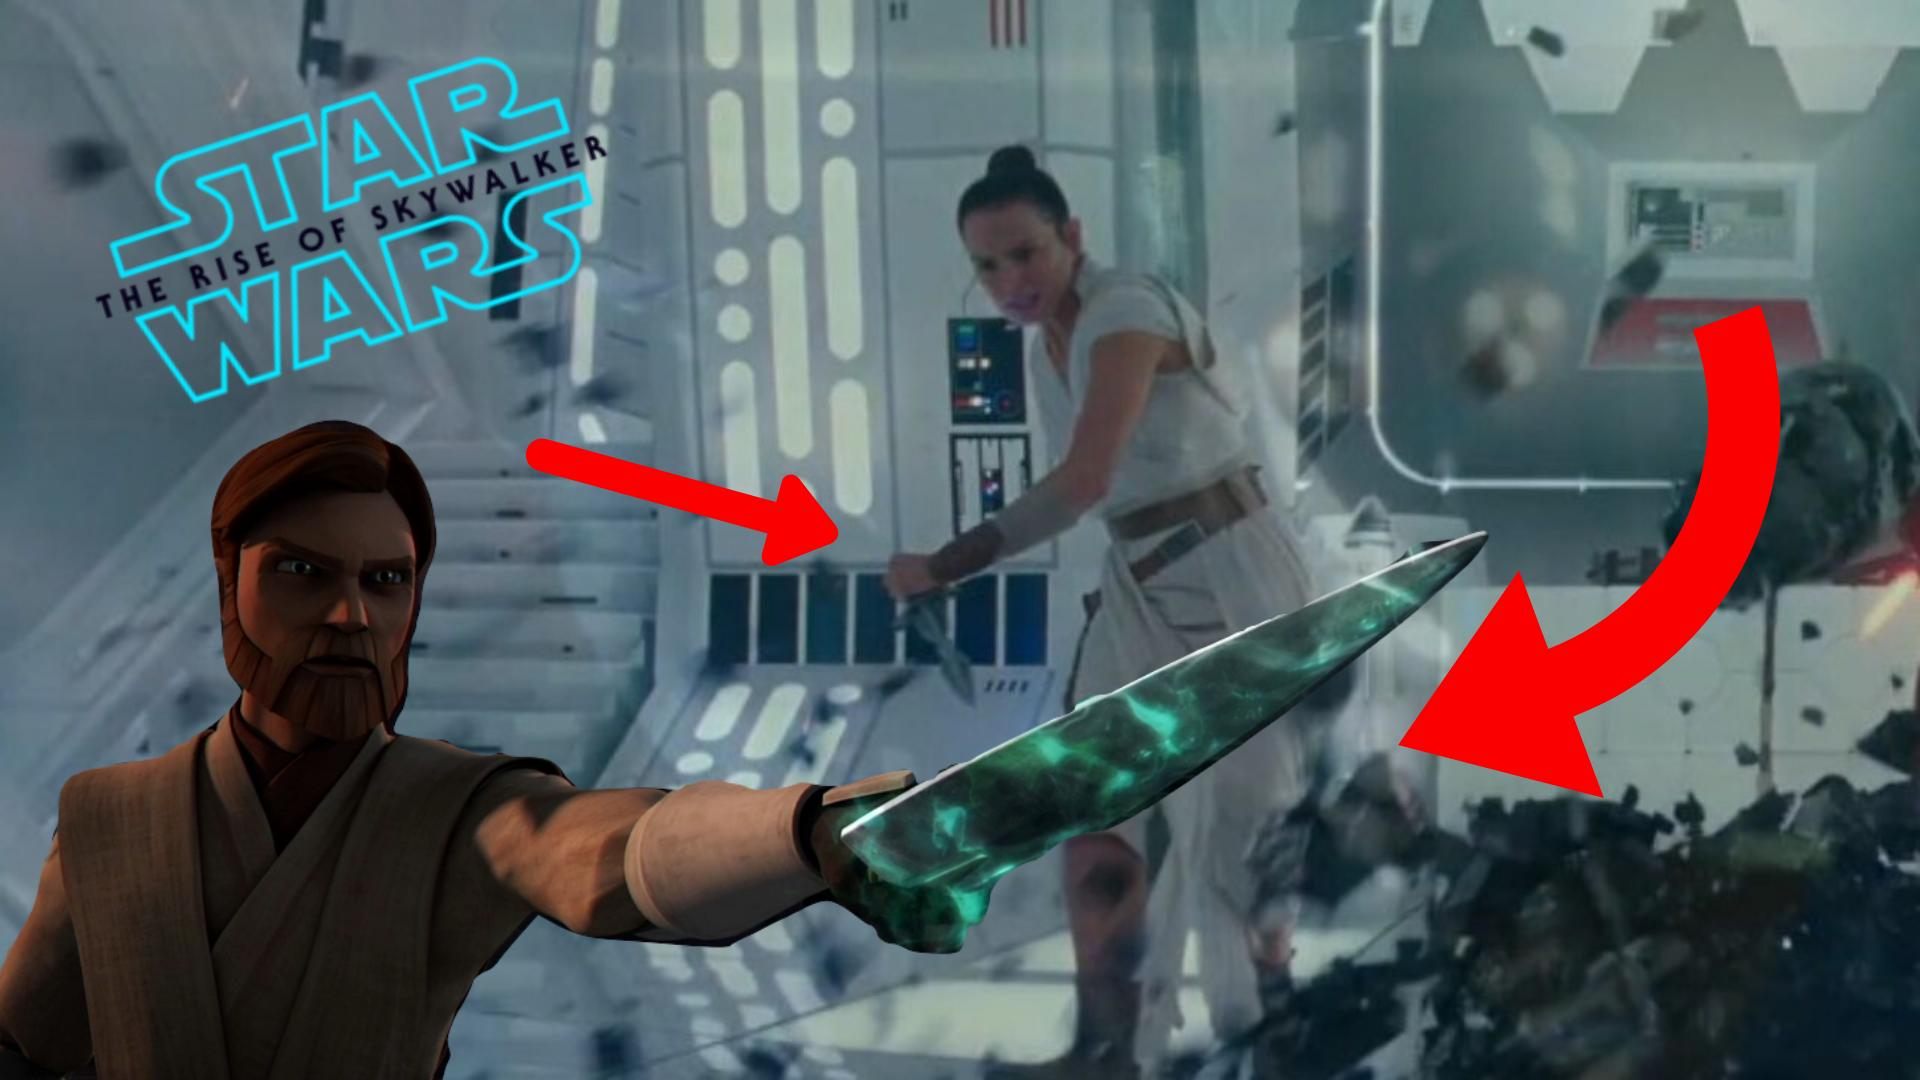 Ascesa Skywalker pugnale